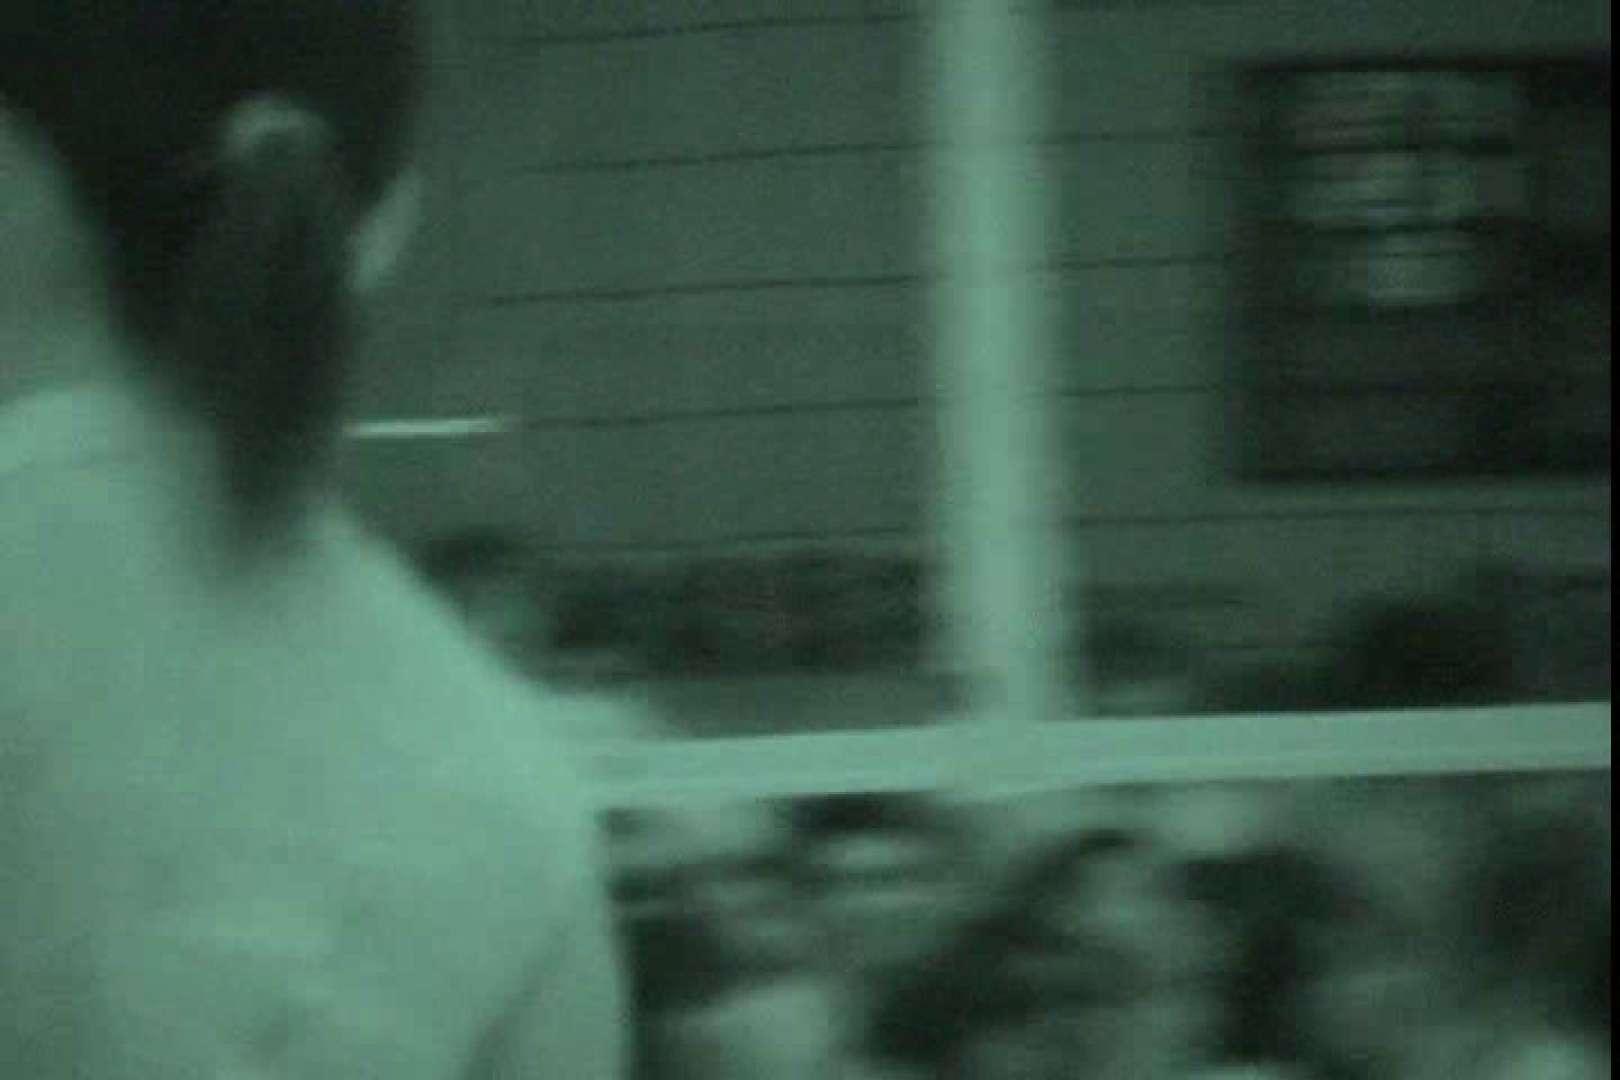 赤外線ムレスケバレー(汗) vol.09 OL女体 おめこ無修正動画無料 92連発 10